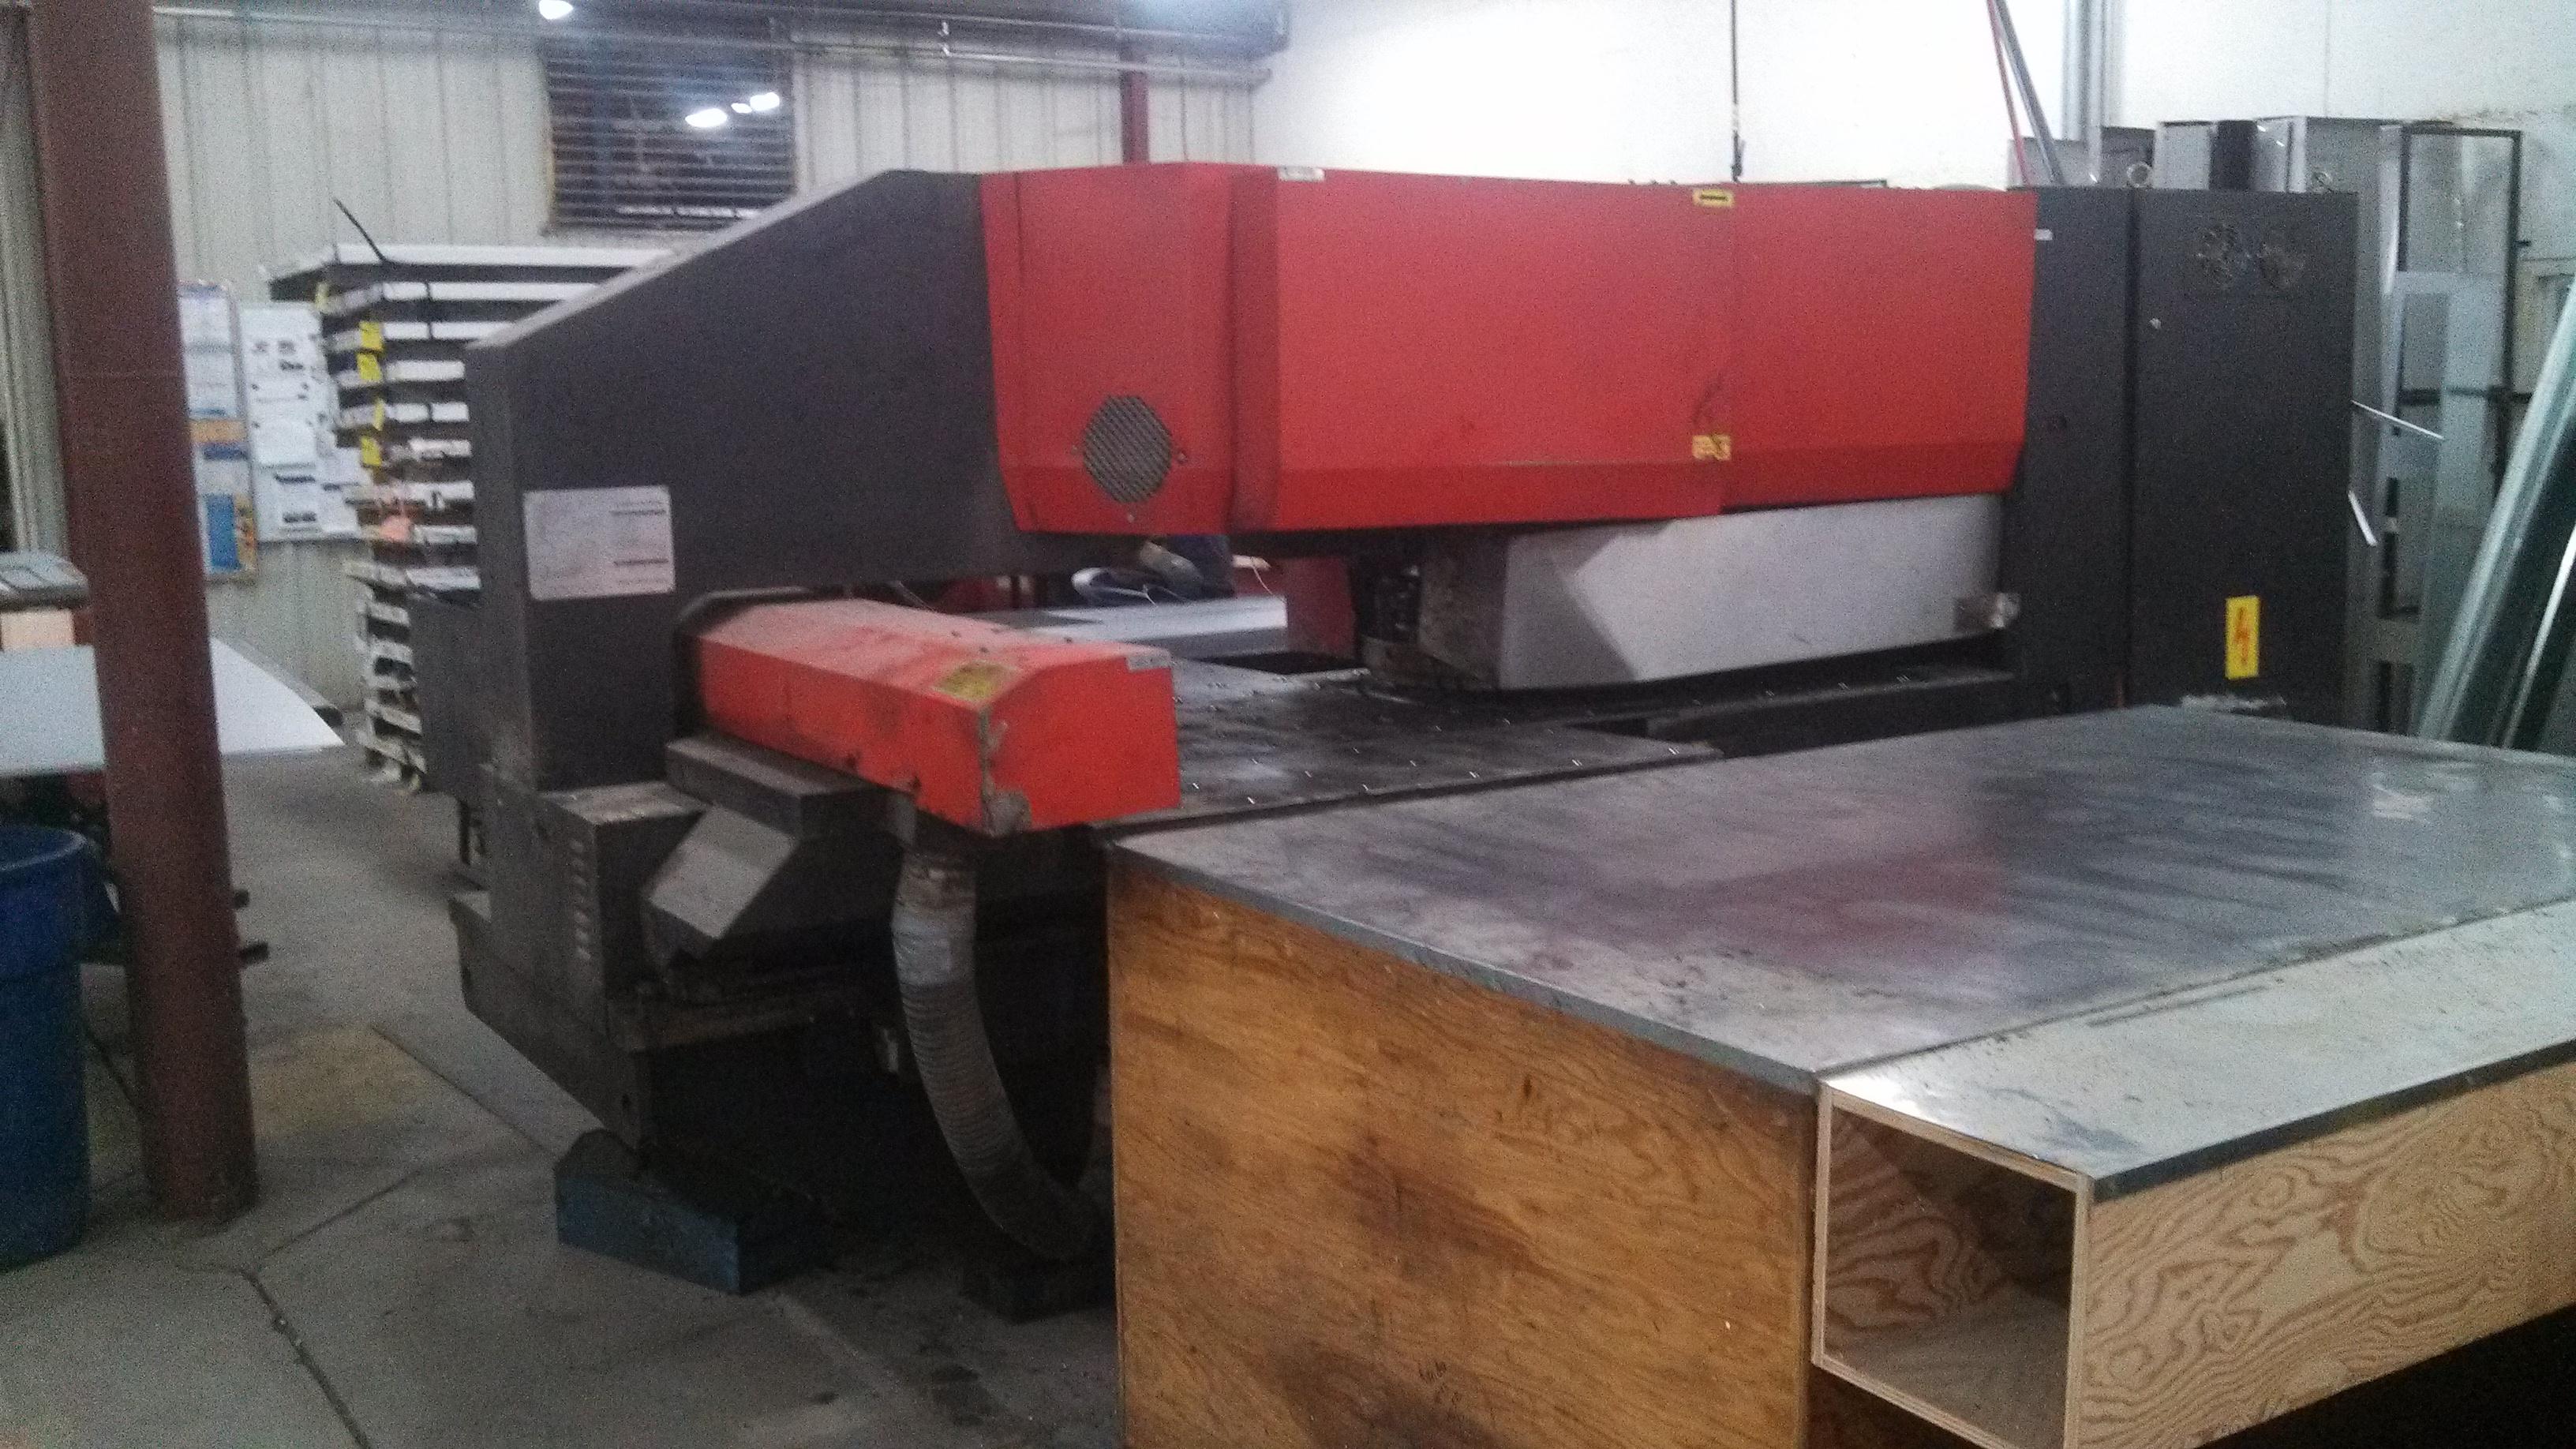 Turret Punches : Amada Pega 244 CNC Turret Punch